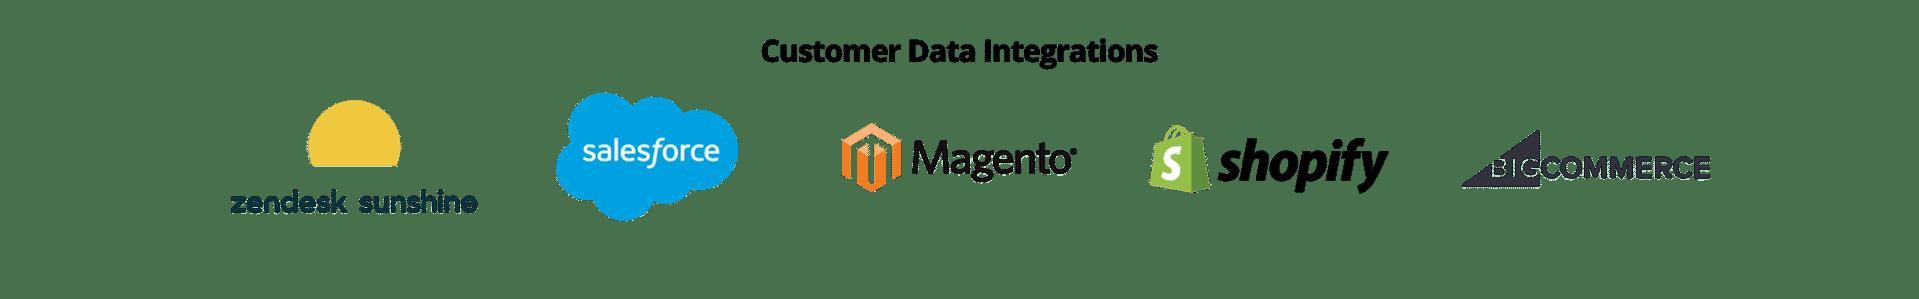 Customer Data logos-min